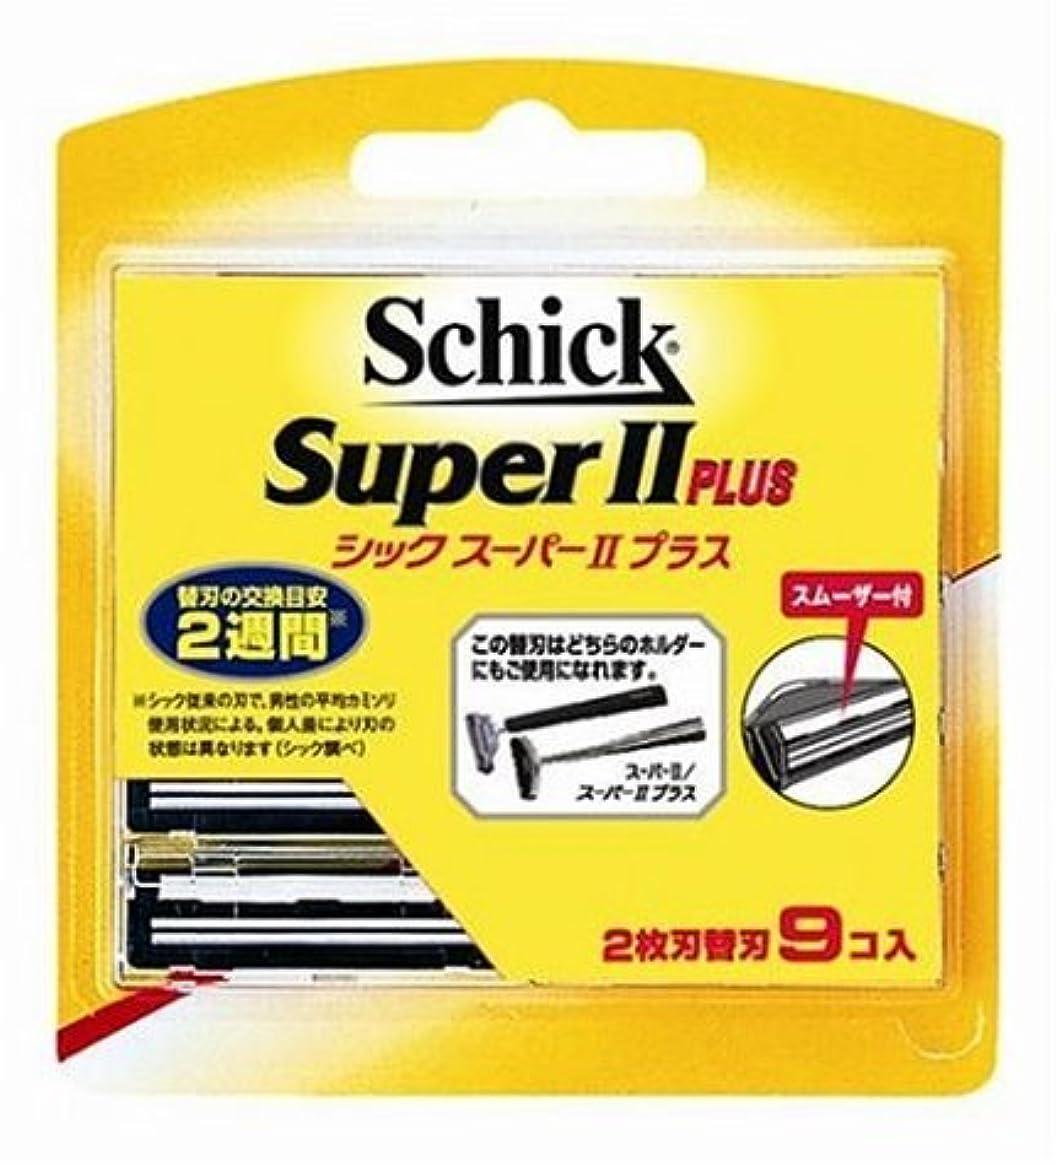 休眠ハッチ致命的シック スーパーIIプラス替刃(9コ入)